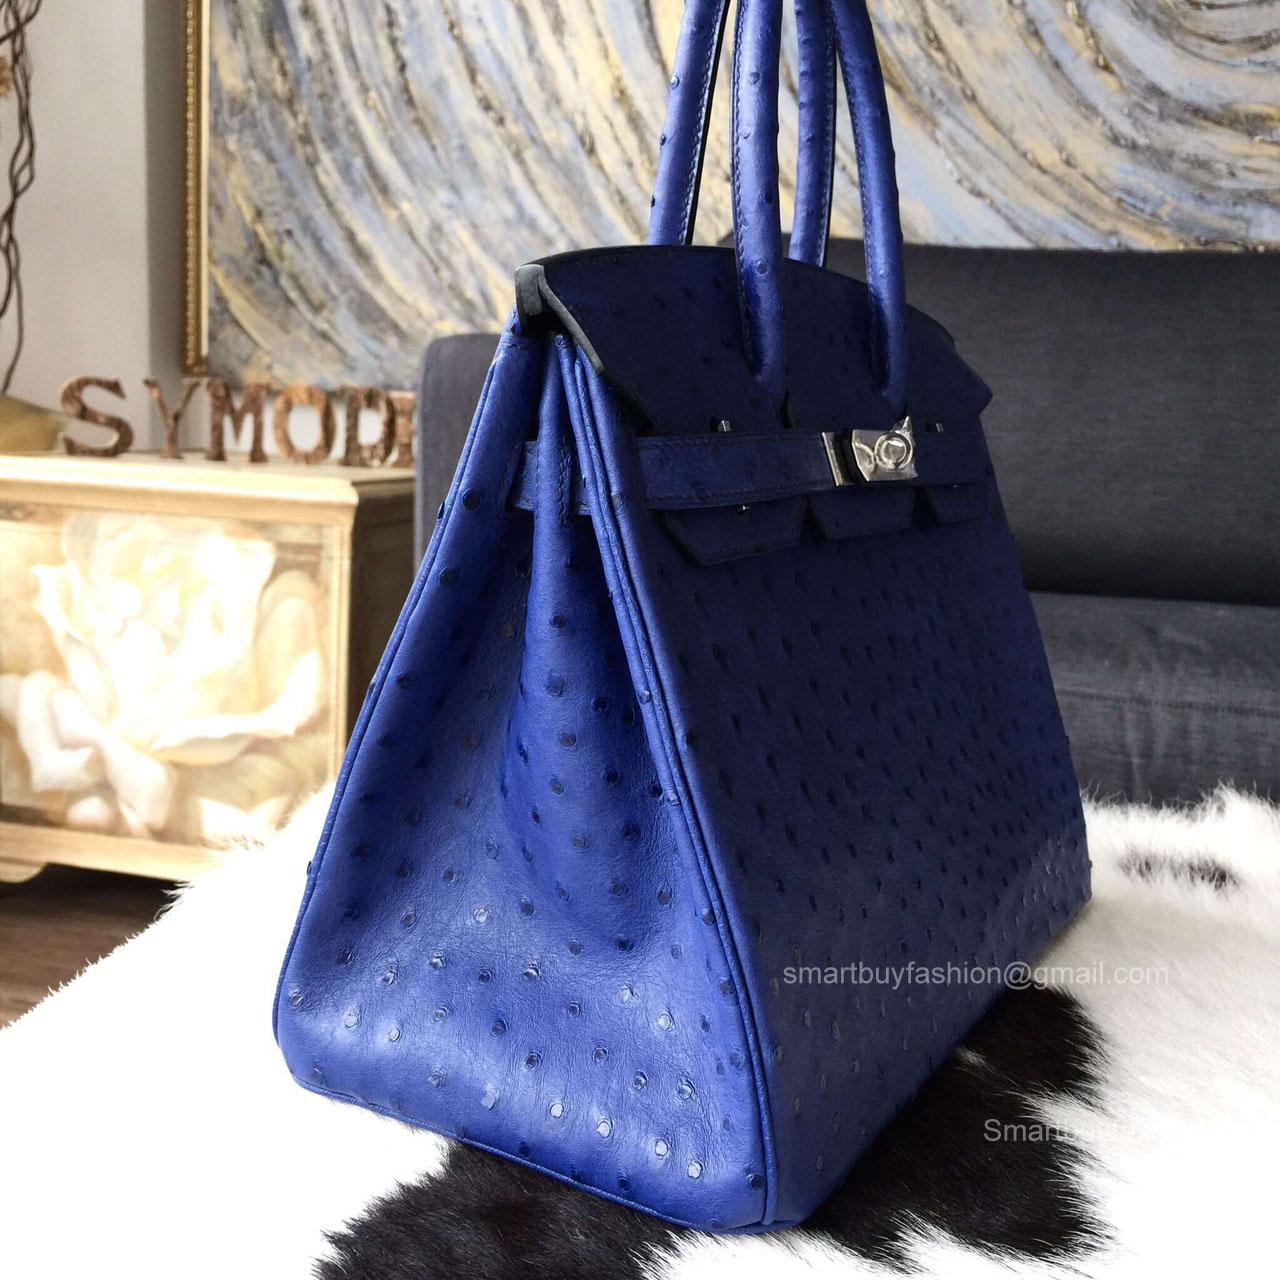 651ce4e6ee ... reduced hermes birkin 30 bag blue iris ostrich leather handstitched  silver hw b3d01 586ee france hermÈs kelly 25 ...